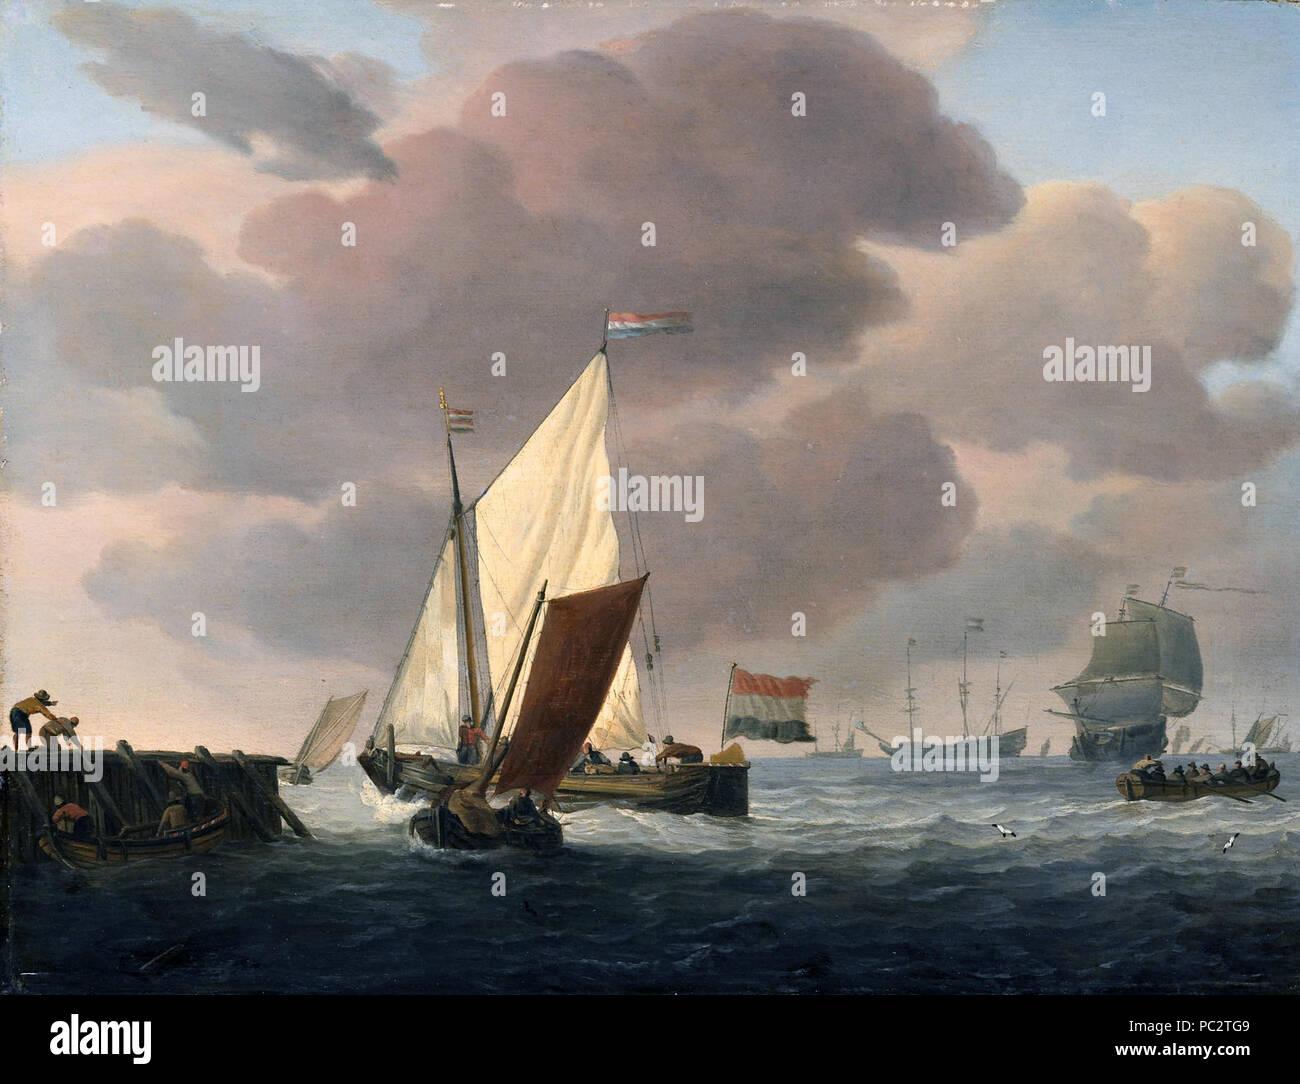 545 Schepen voor de Kust bij flinke bries-Schiffe an der Küste bei windigem Wetter (Willem van de Velde II) Stockbild